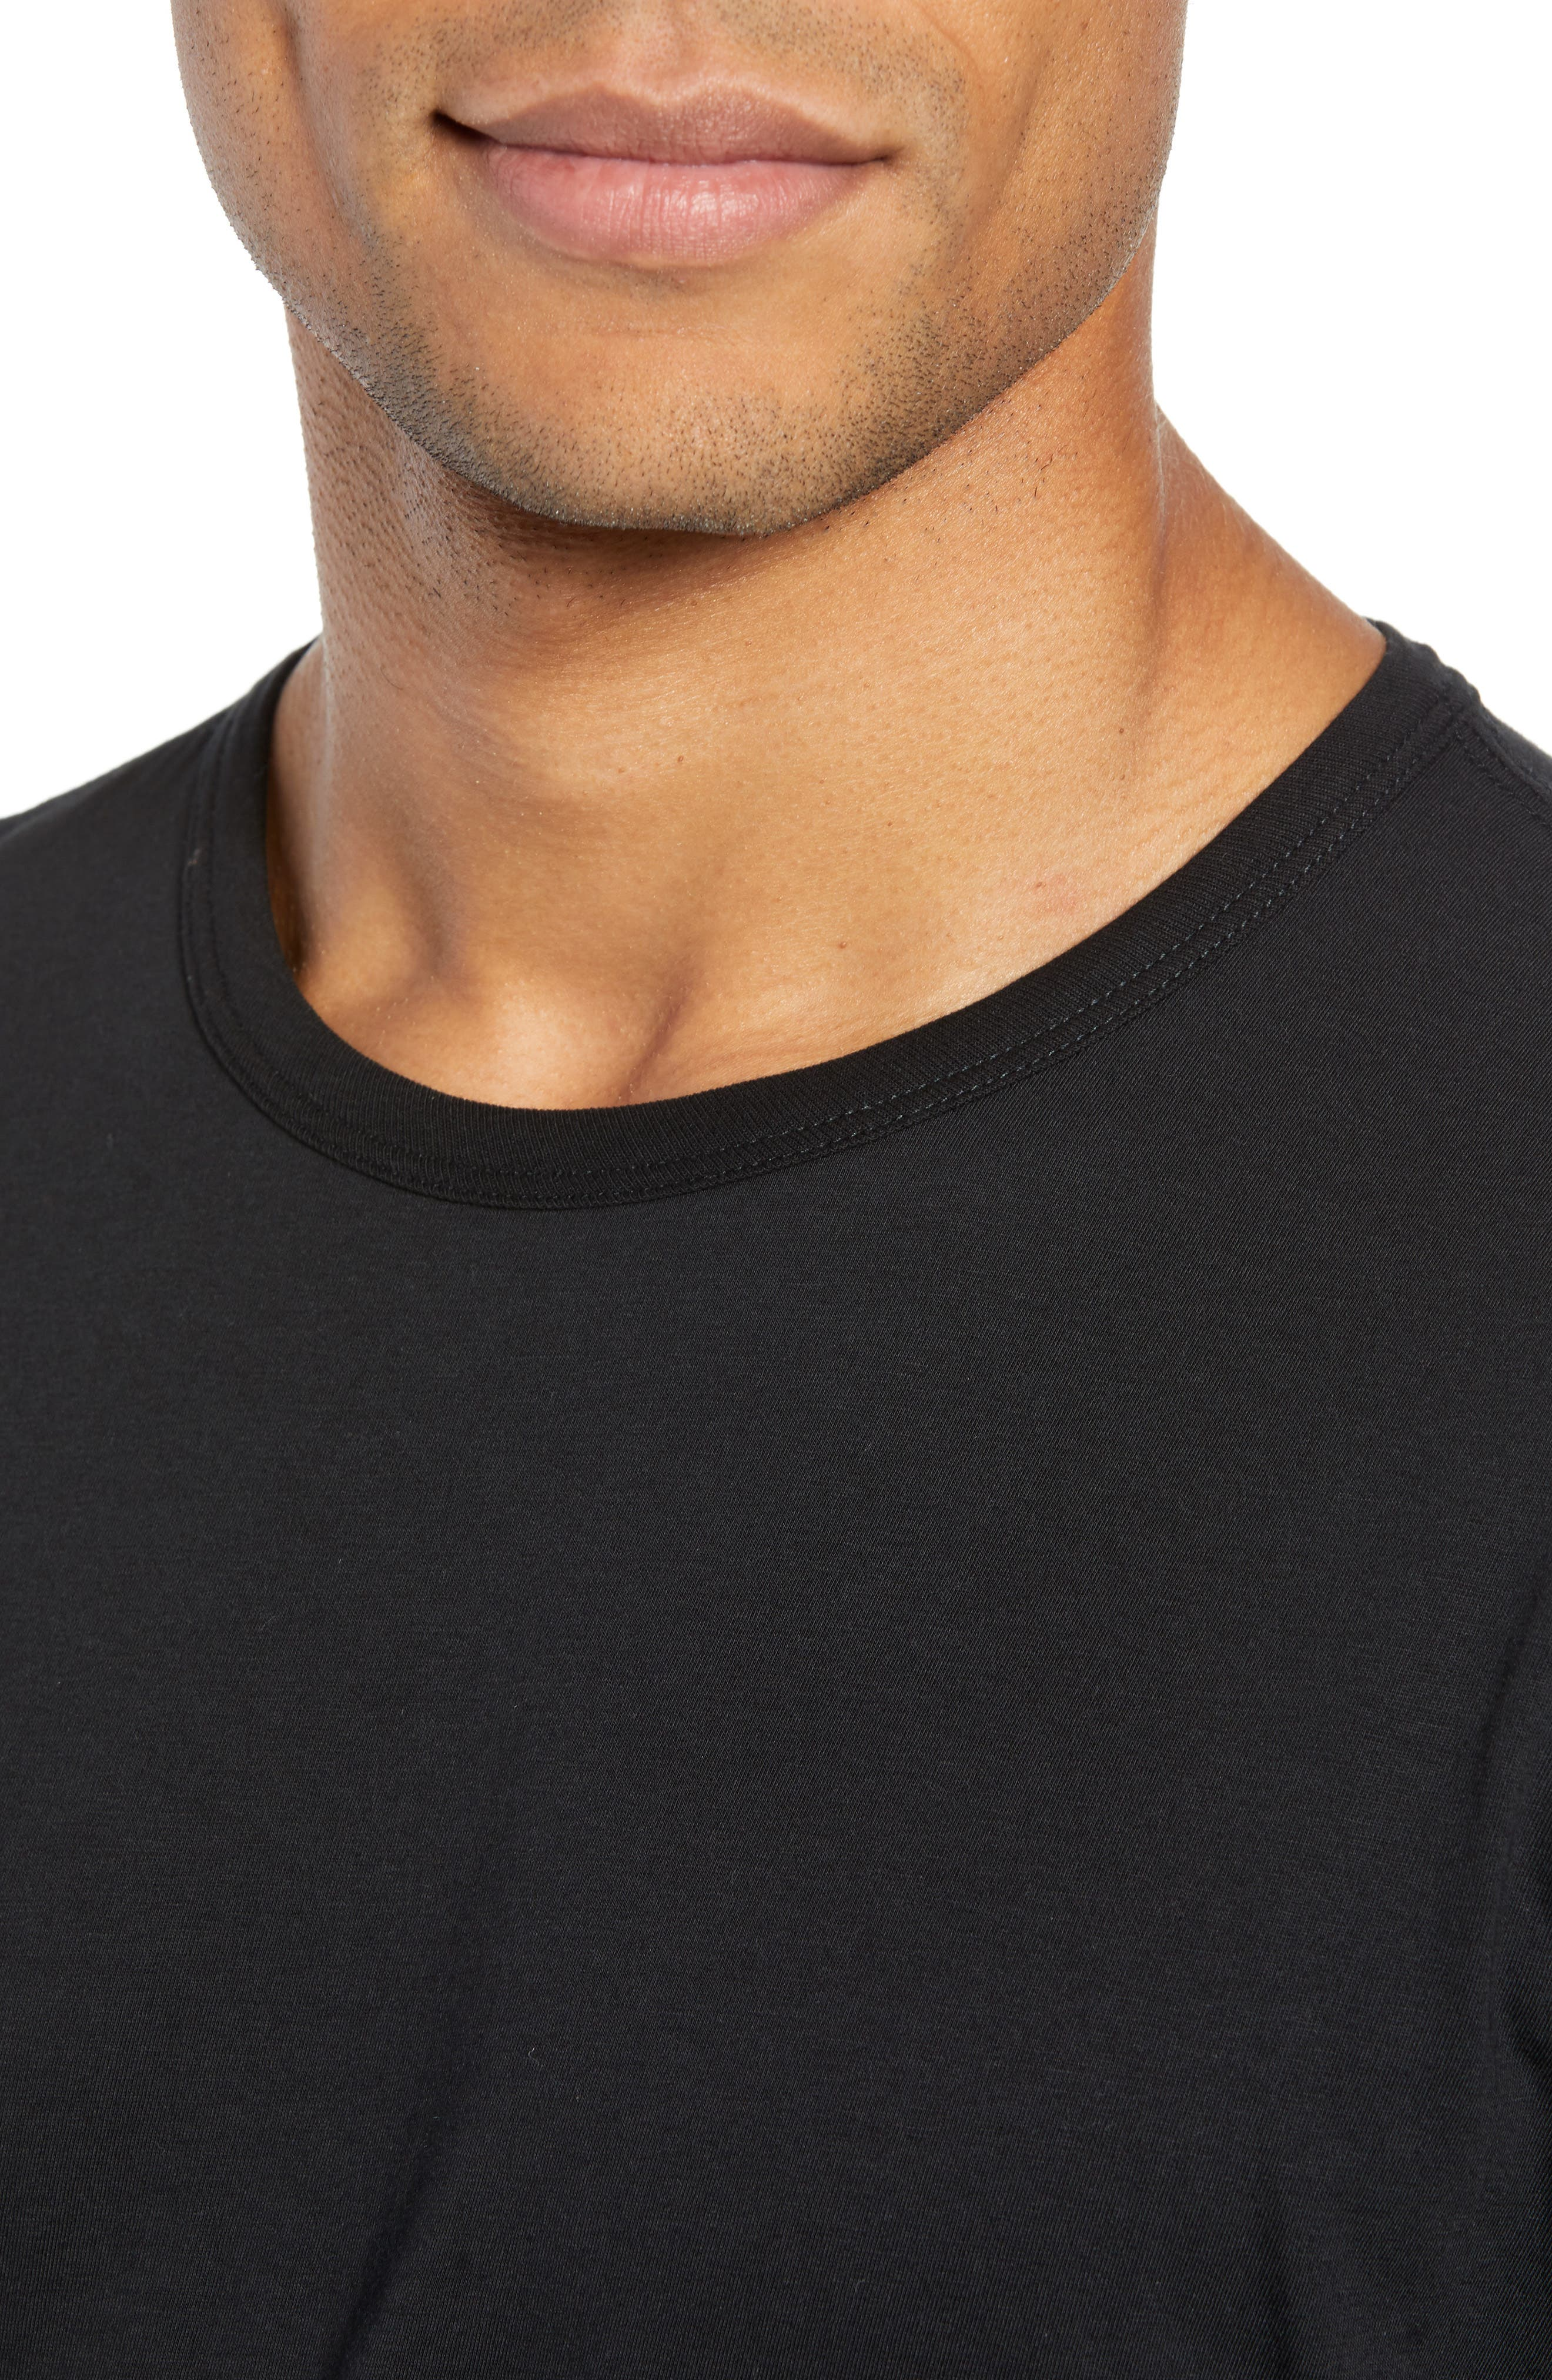 RAG & BONE, Classic Base T-Shirt, Alternate thumbnail 4, color, BLACK